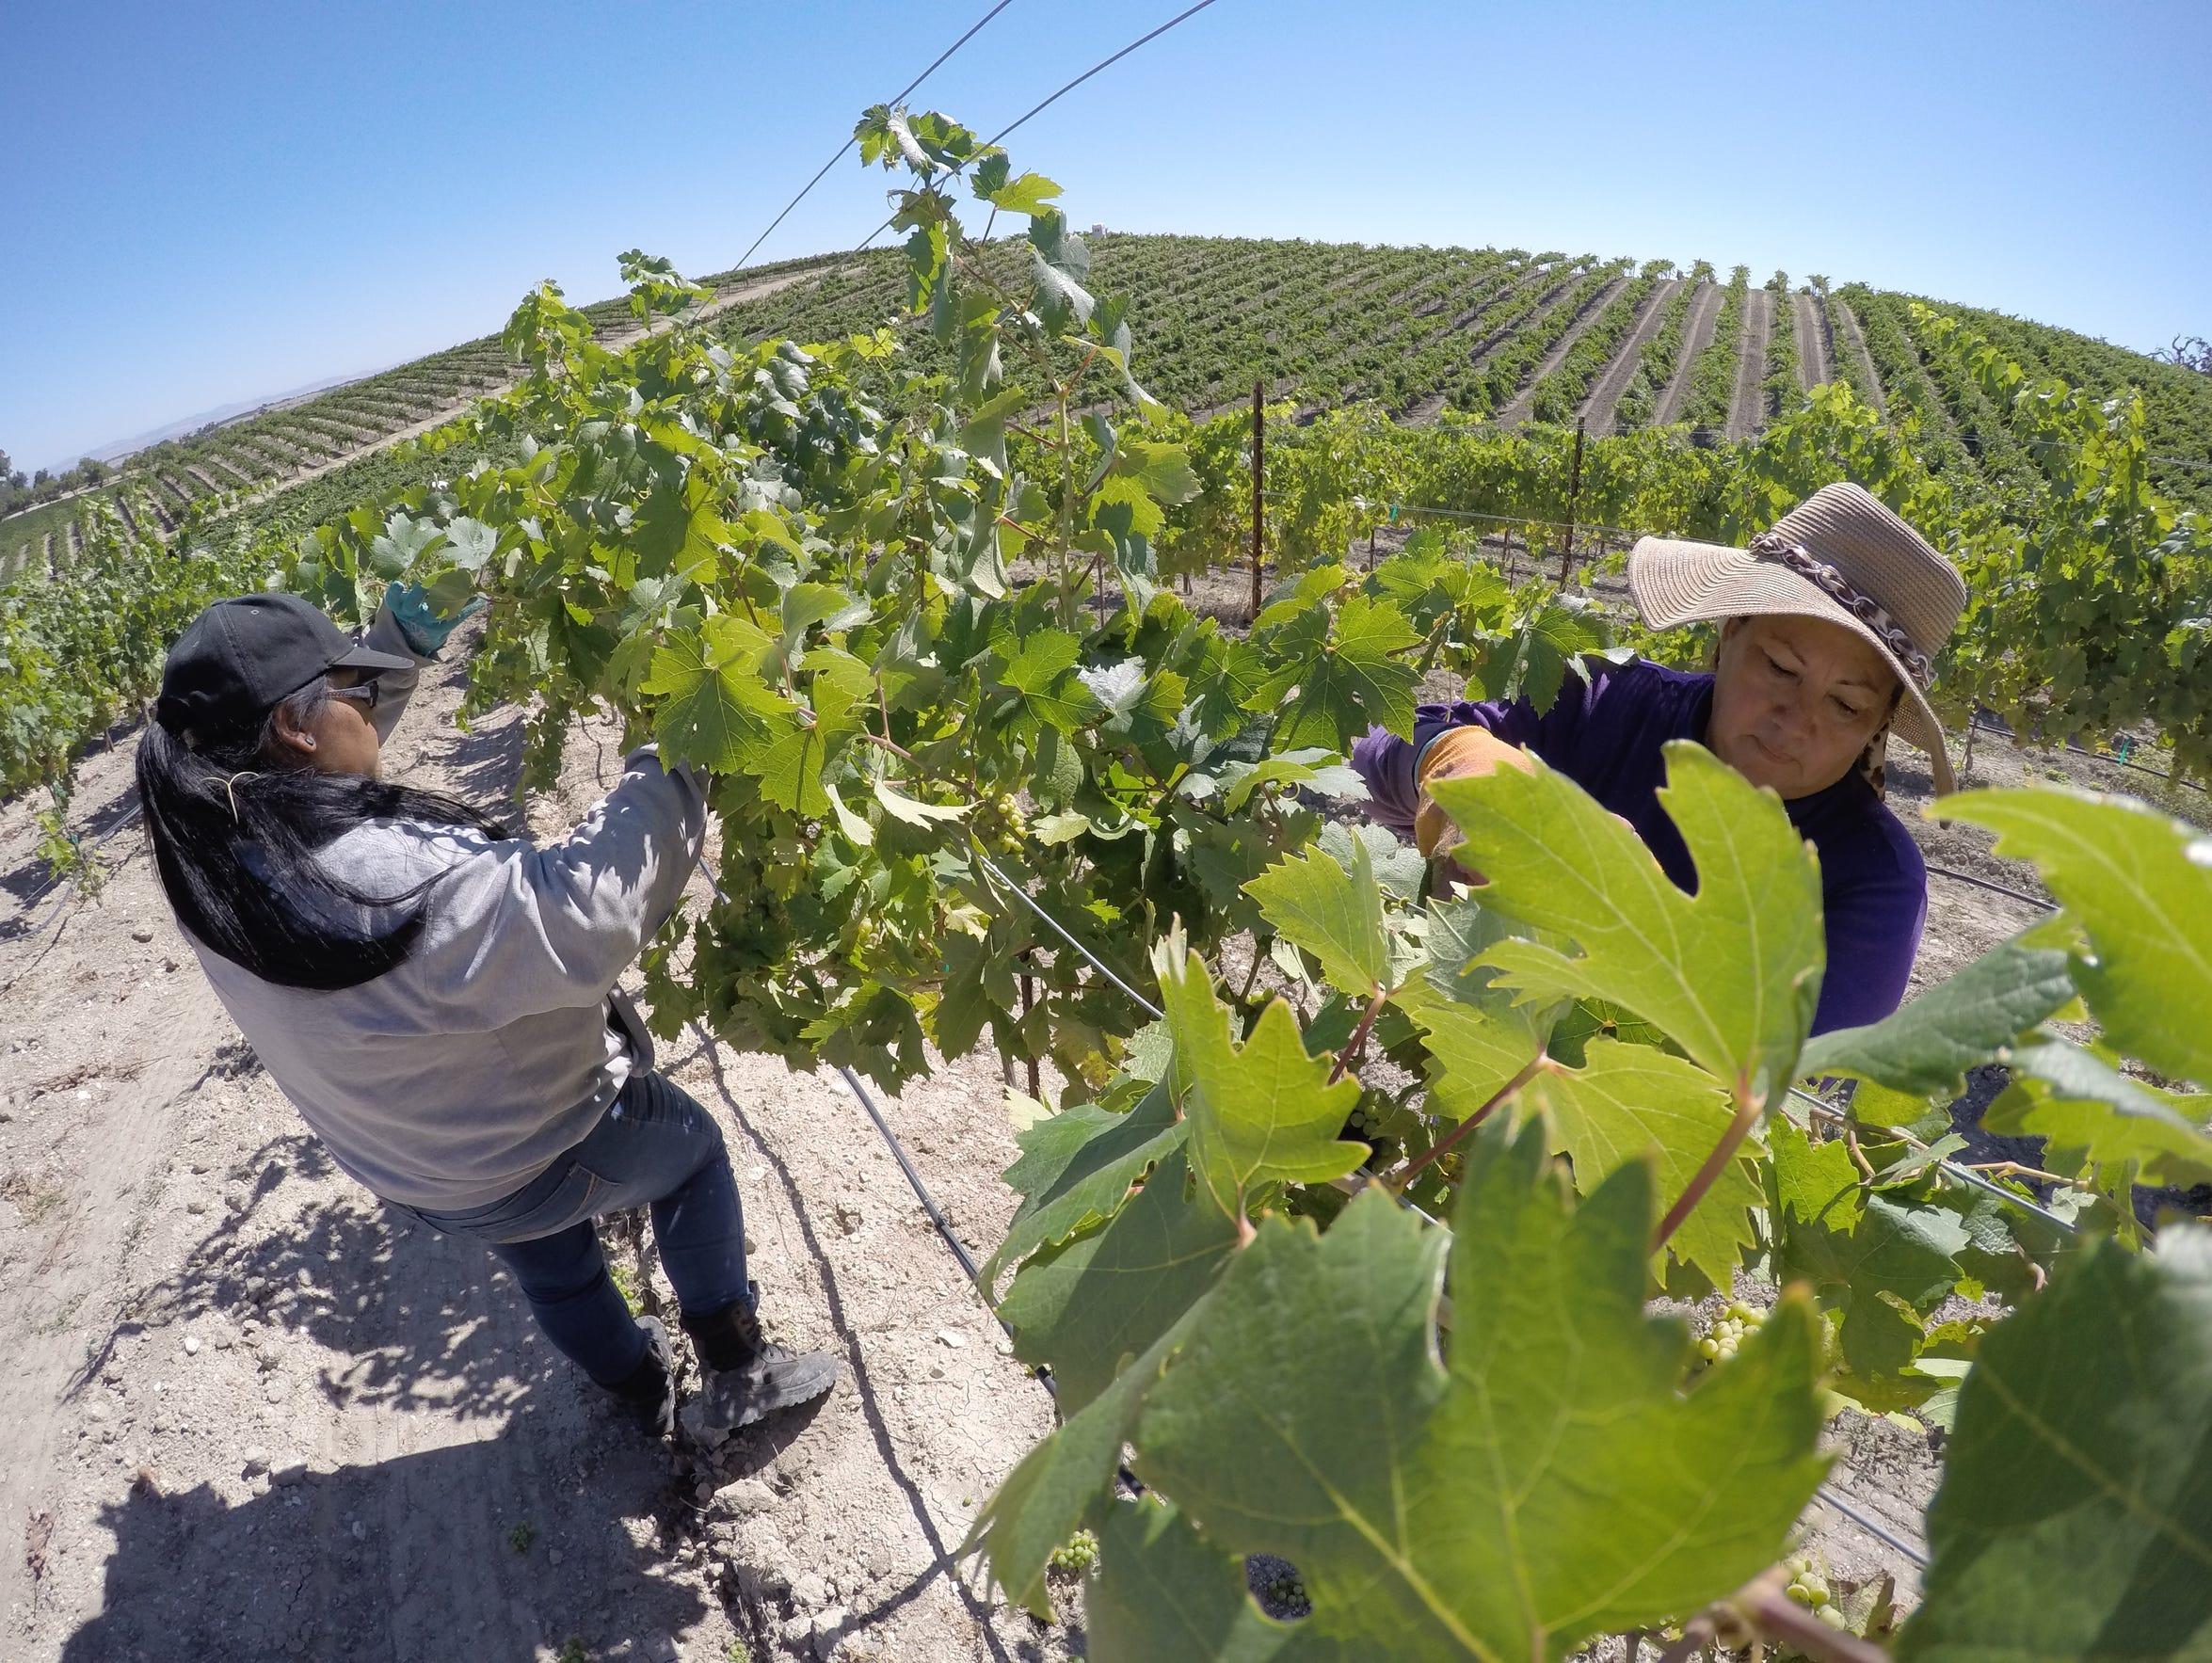 Leticia Espinoza, right, and Maria Ortega prune grapevines